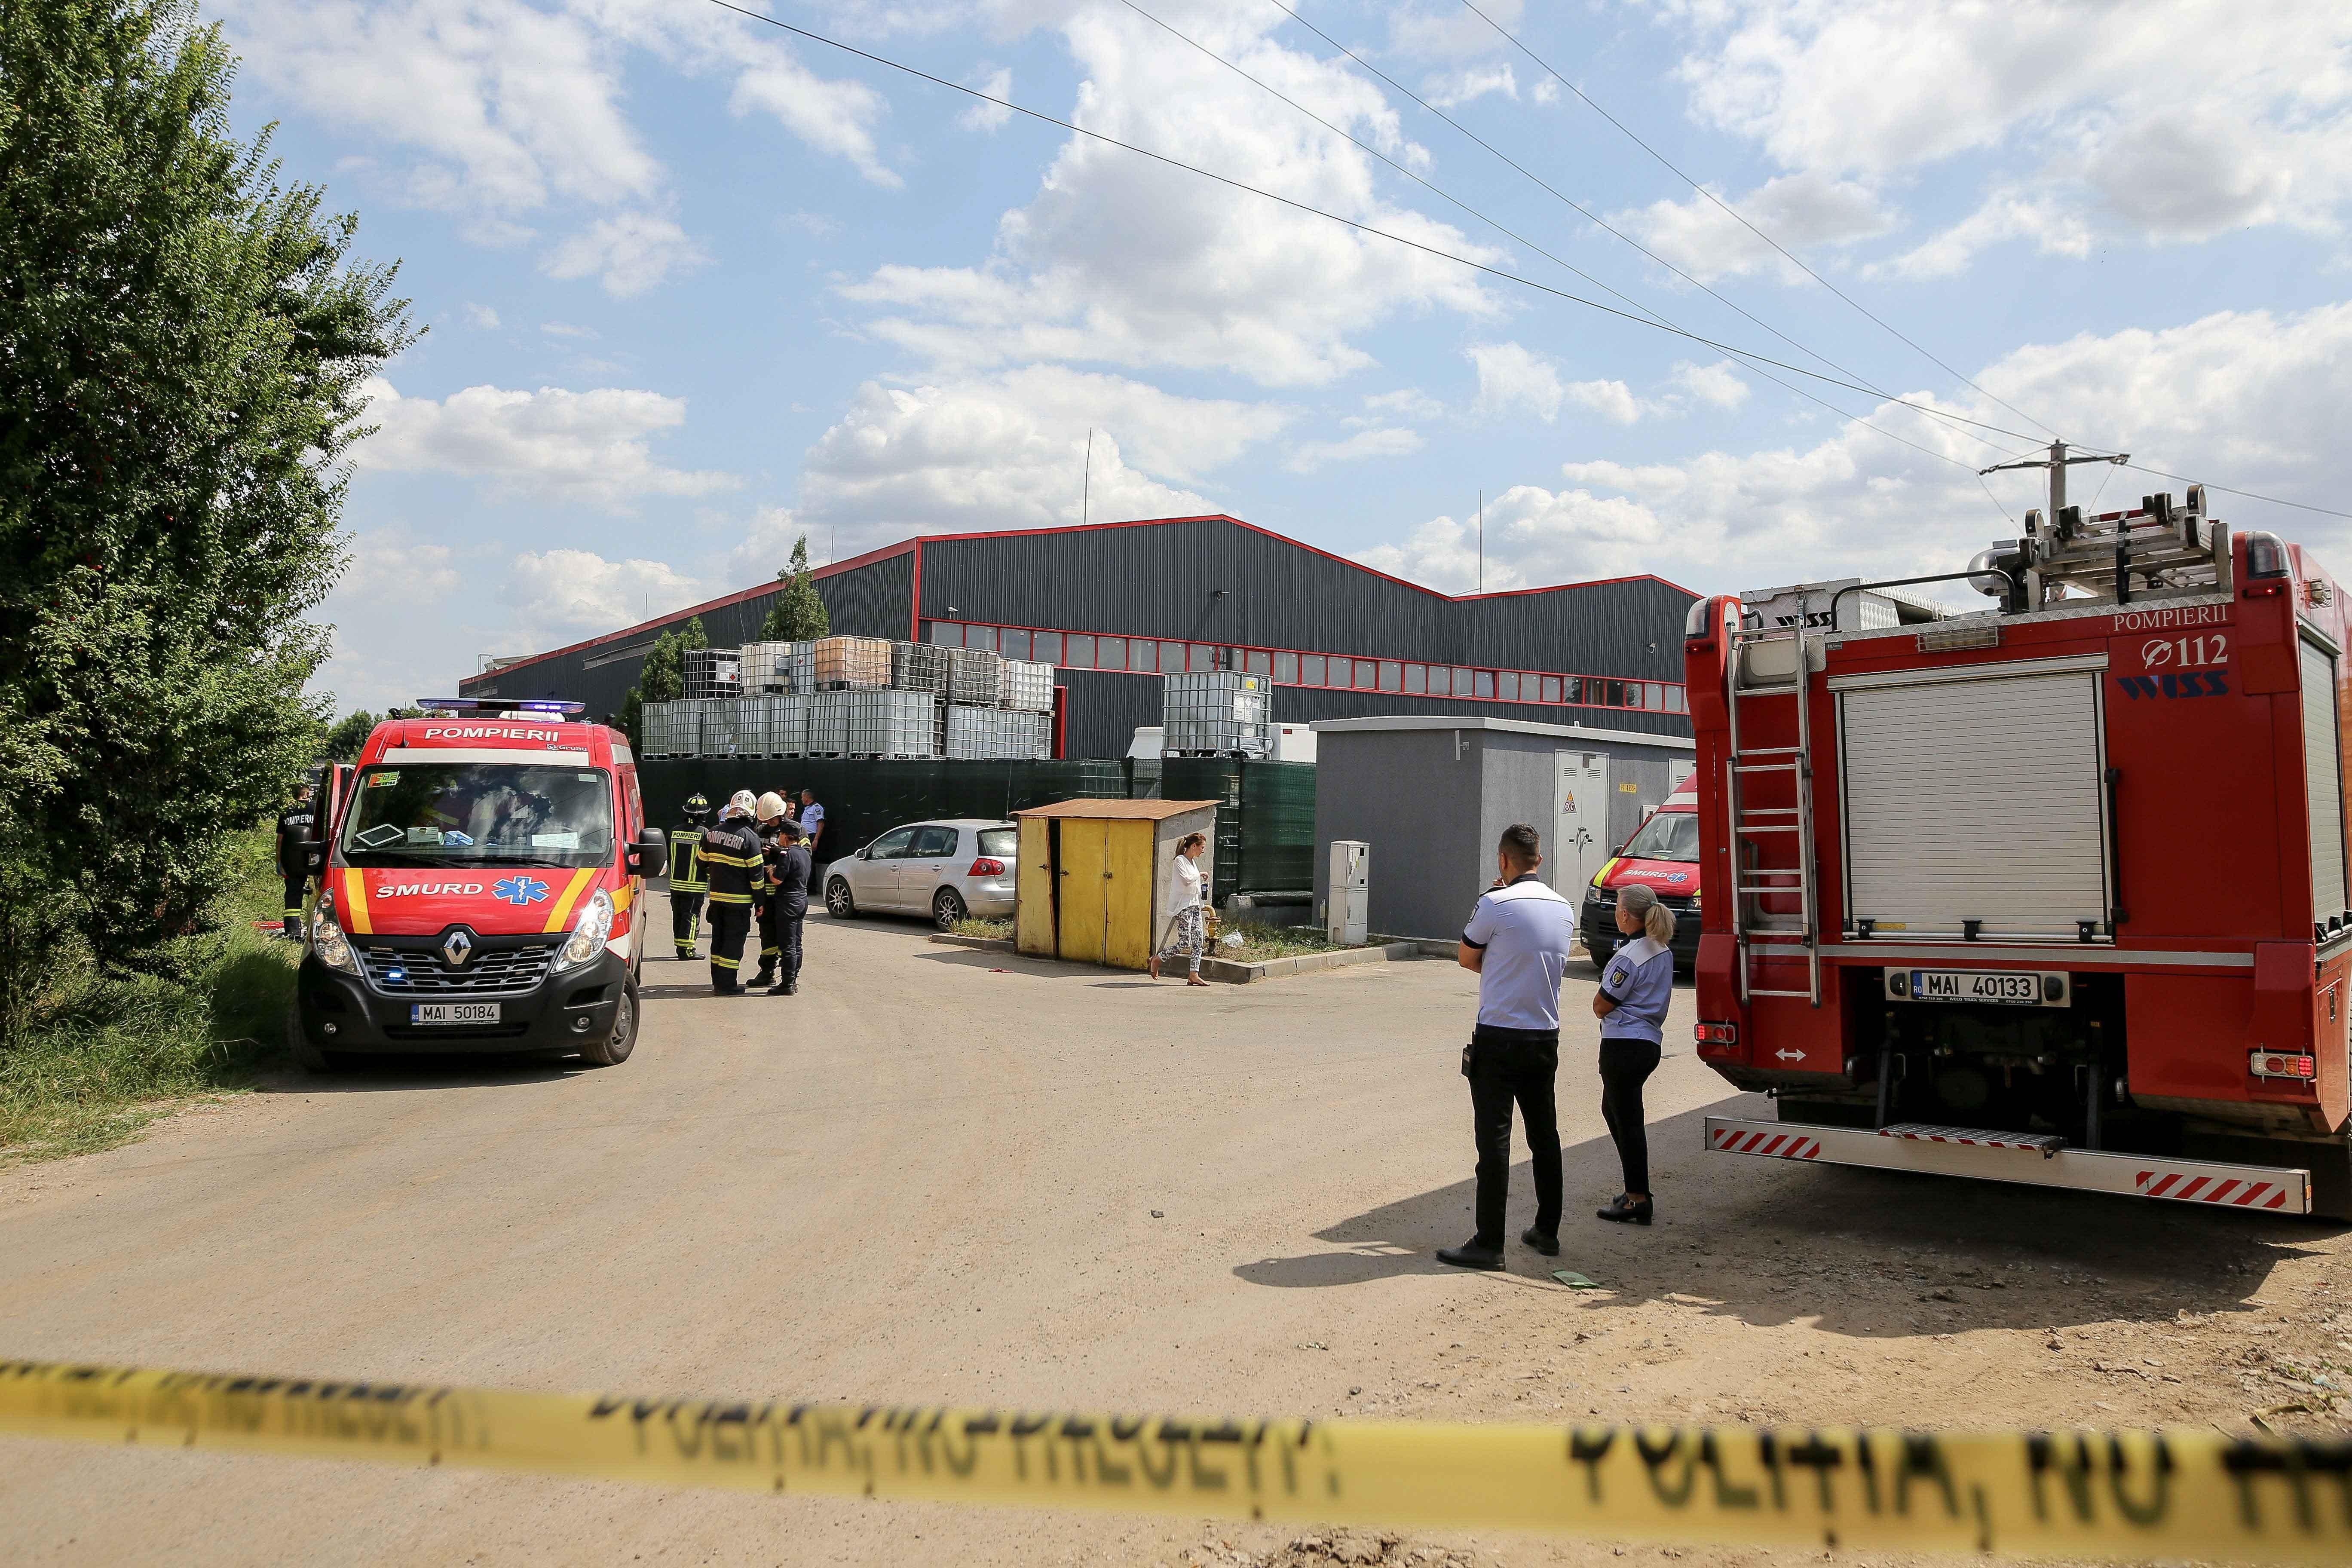 Incendiula o hală de reciclare în Popeşti-Leordeni, soldat cu 11 răniți, dintre care 5 în stare gravă. Un utilaj a explodat